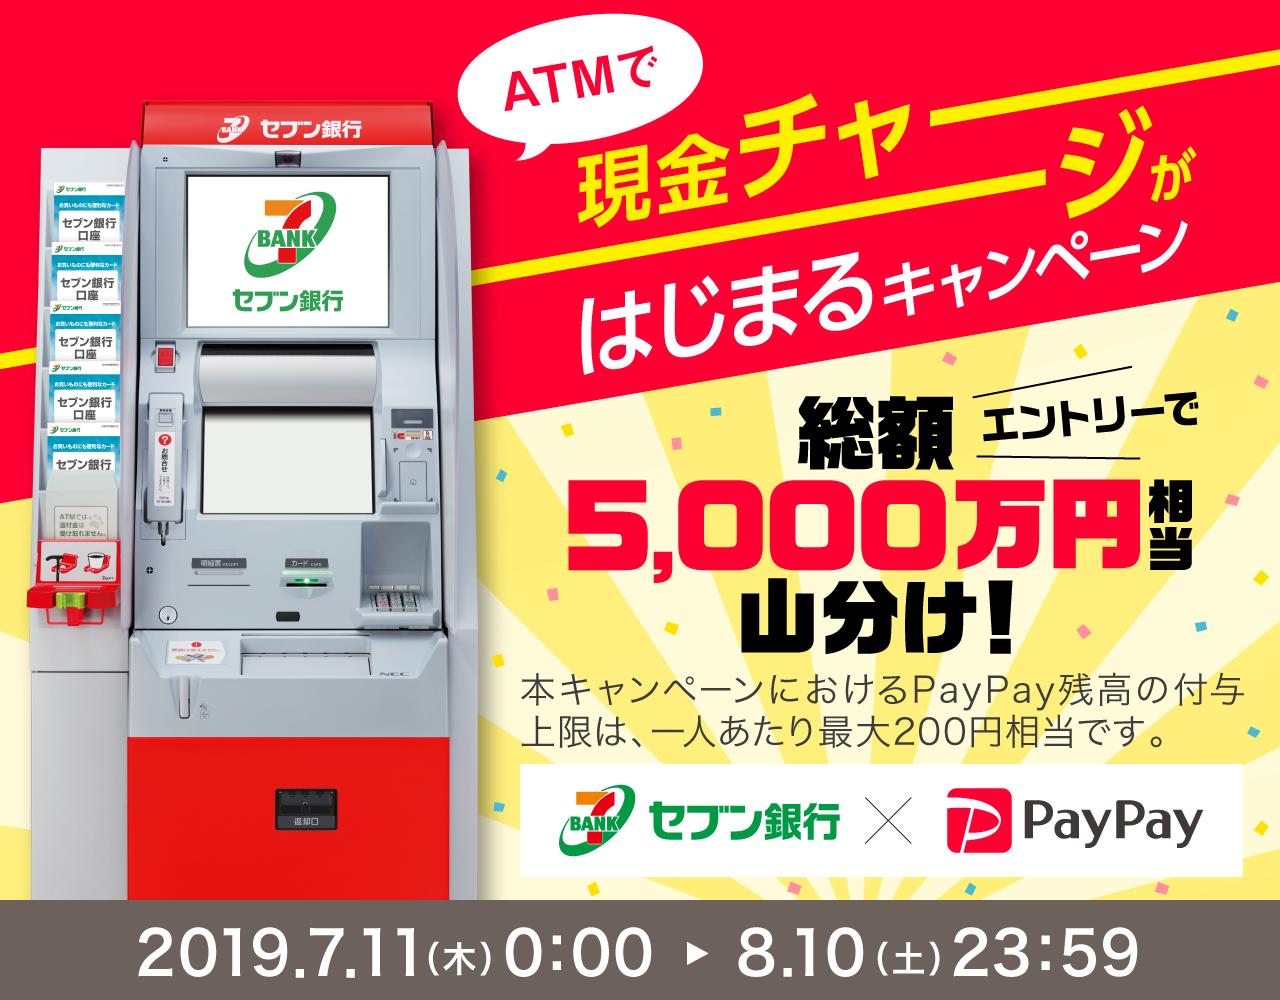 PayPayがセブン銀行で現金チャージを開始。1人上限200円で5000万円山分けキャンペーンを開催中。~8/10。